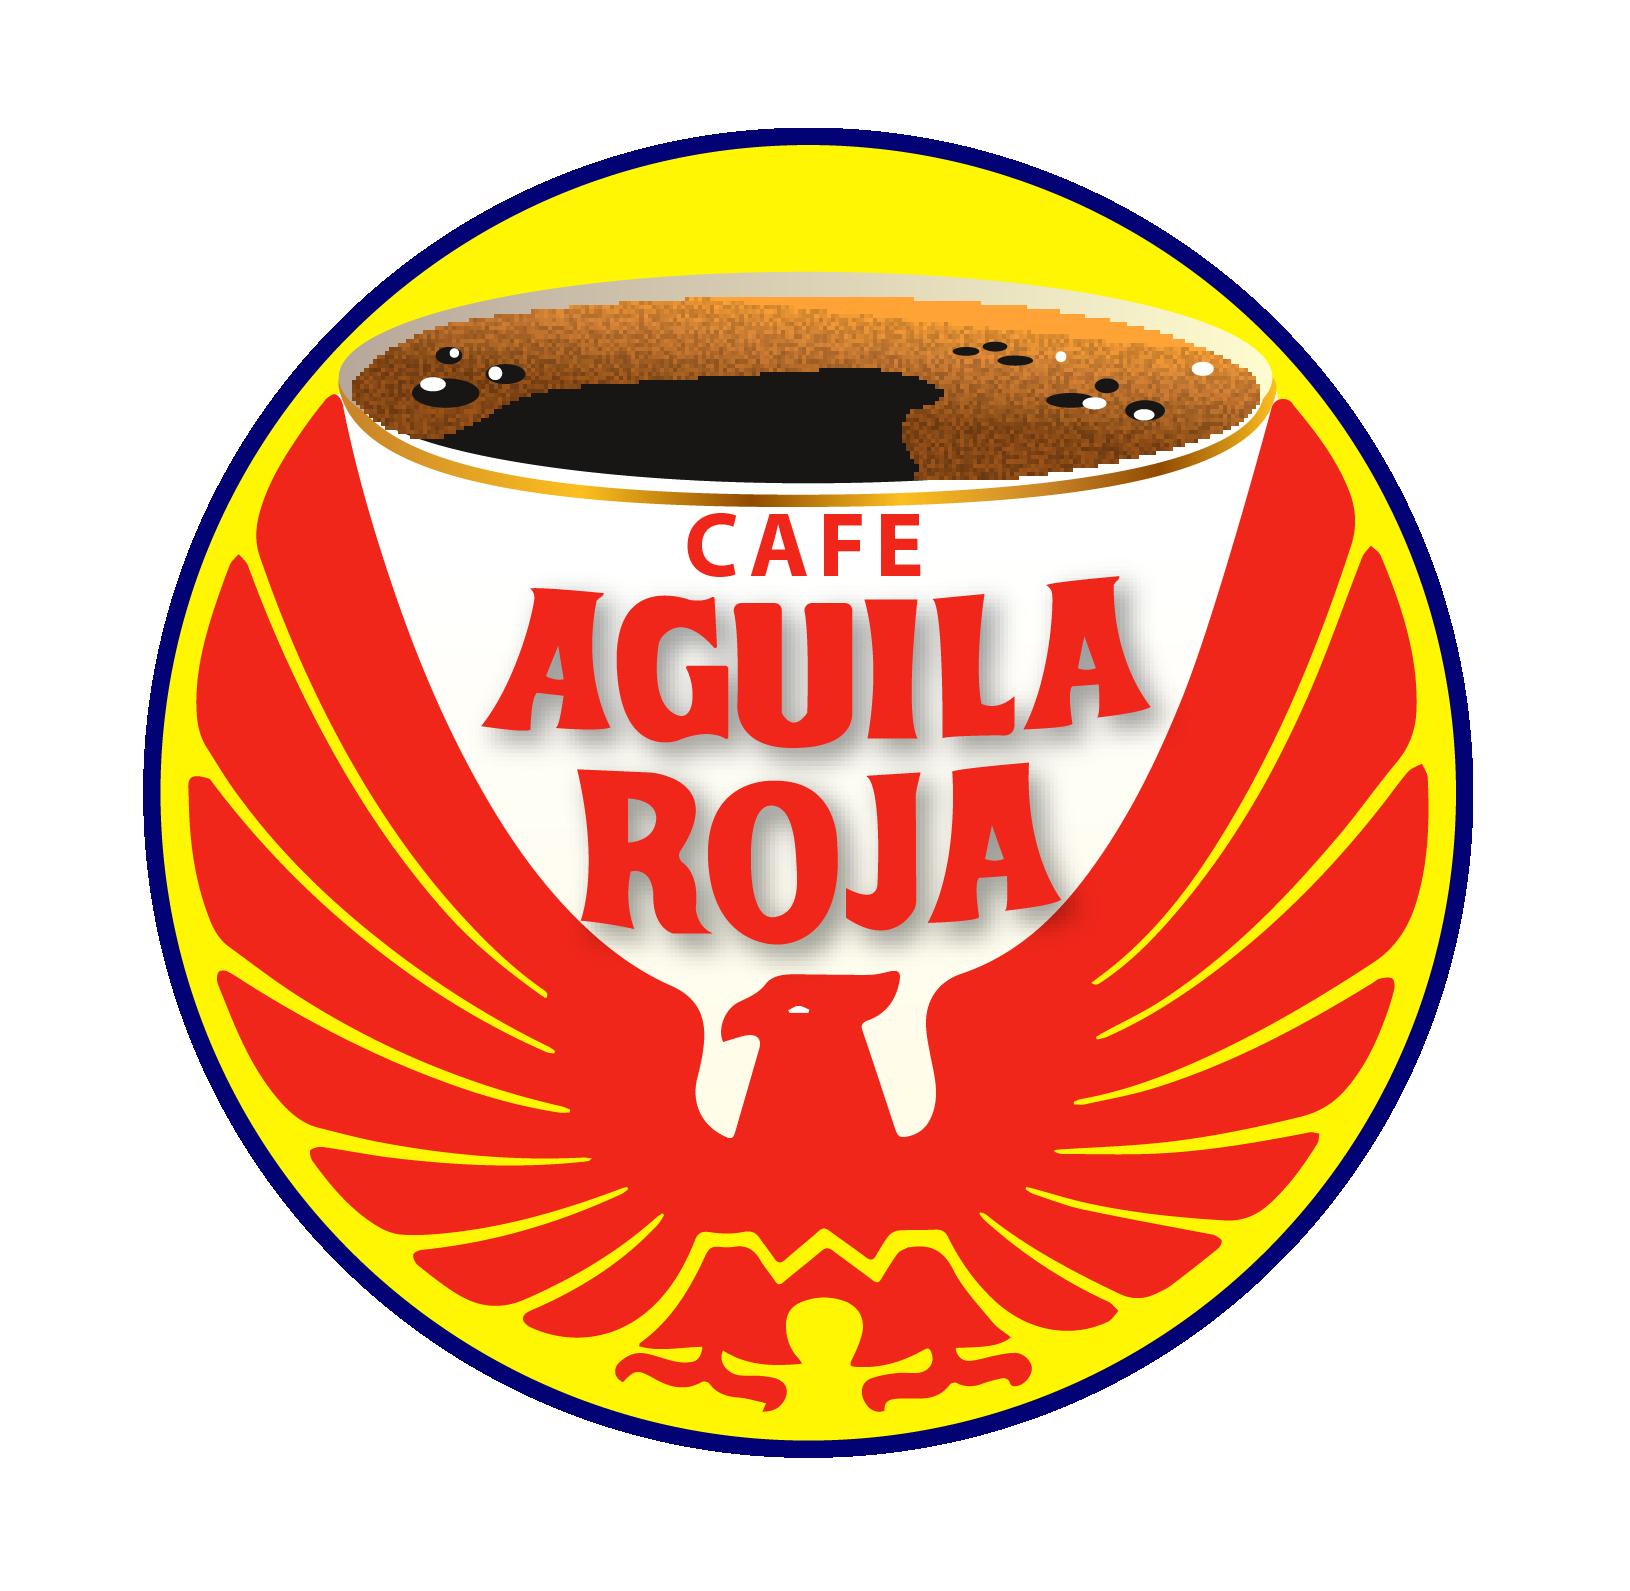 Logo Cafe Aguila Roja Clientes 04